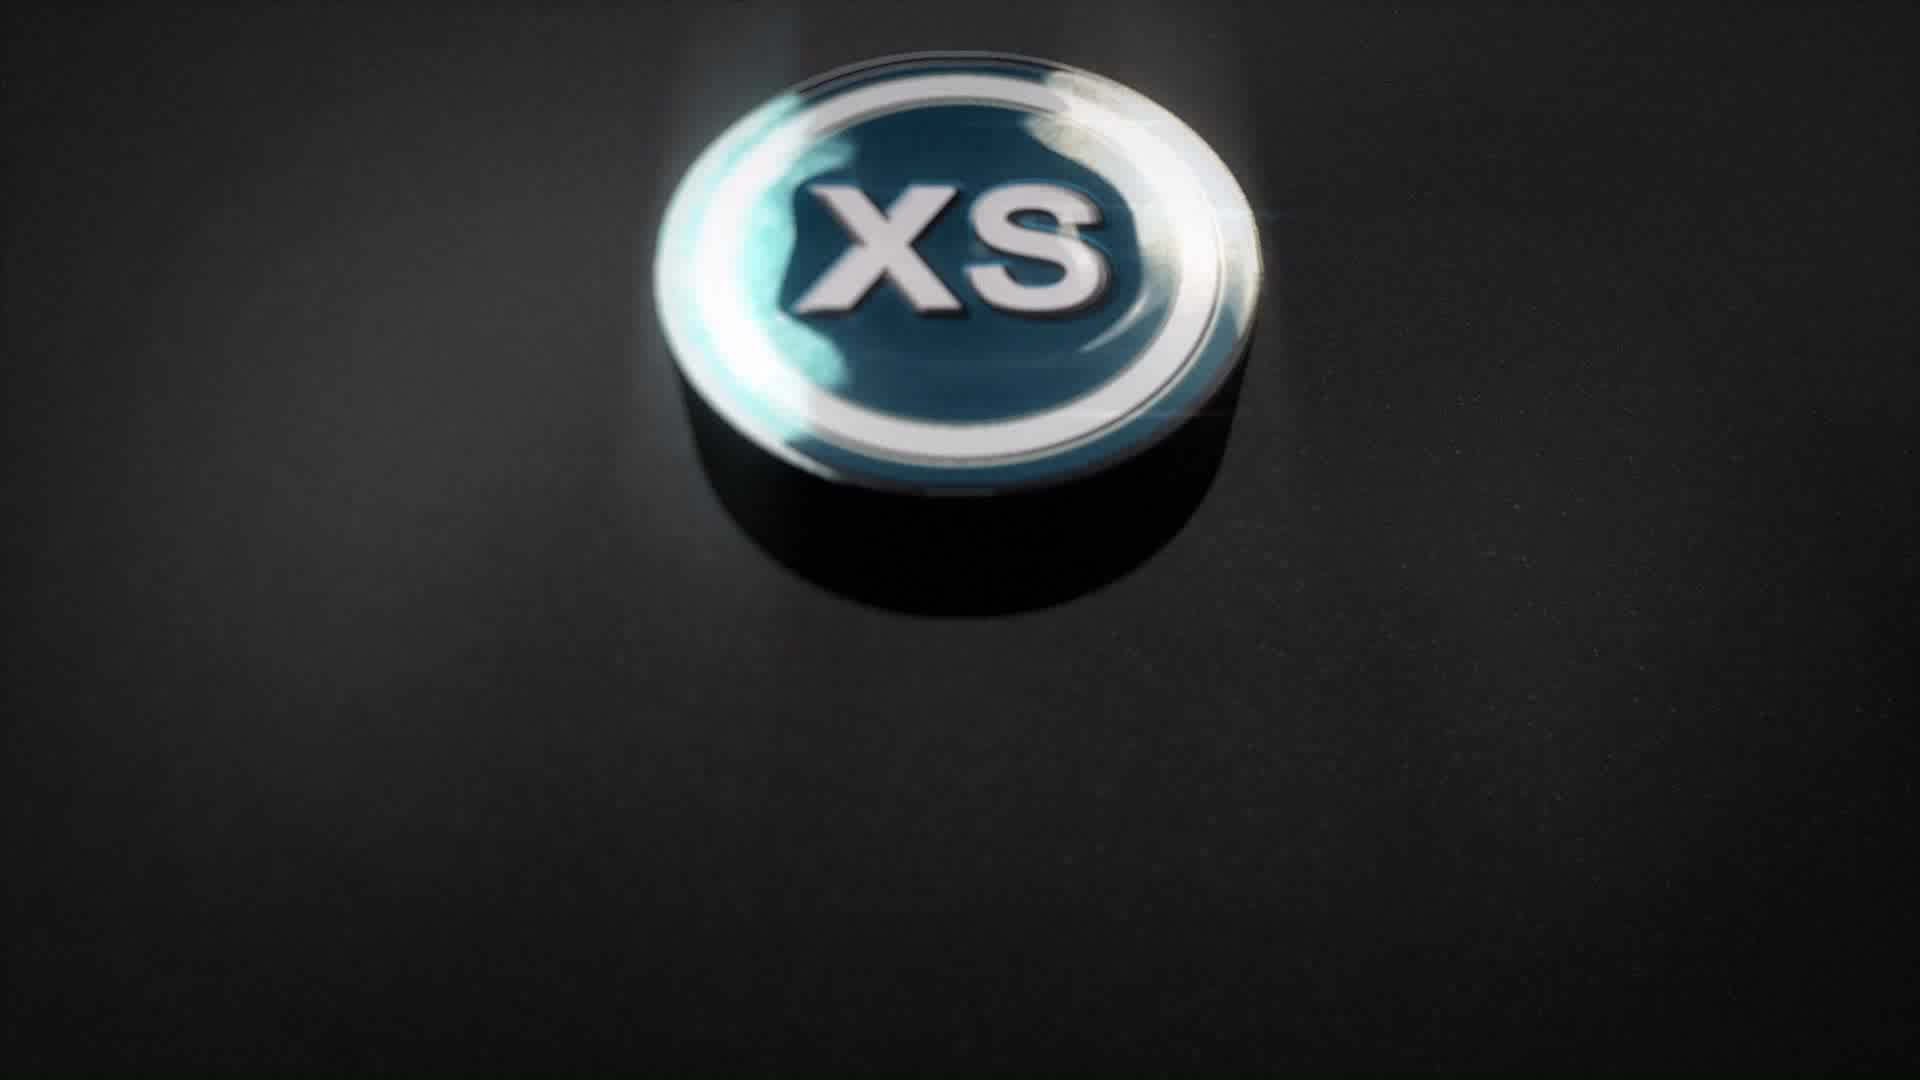 Kaliteli özel naylon spandex foldover elastik bantlar iç çamaşırı